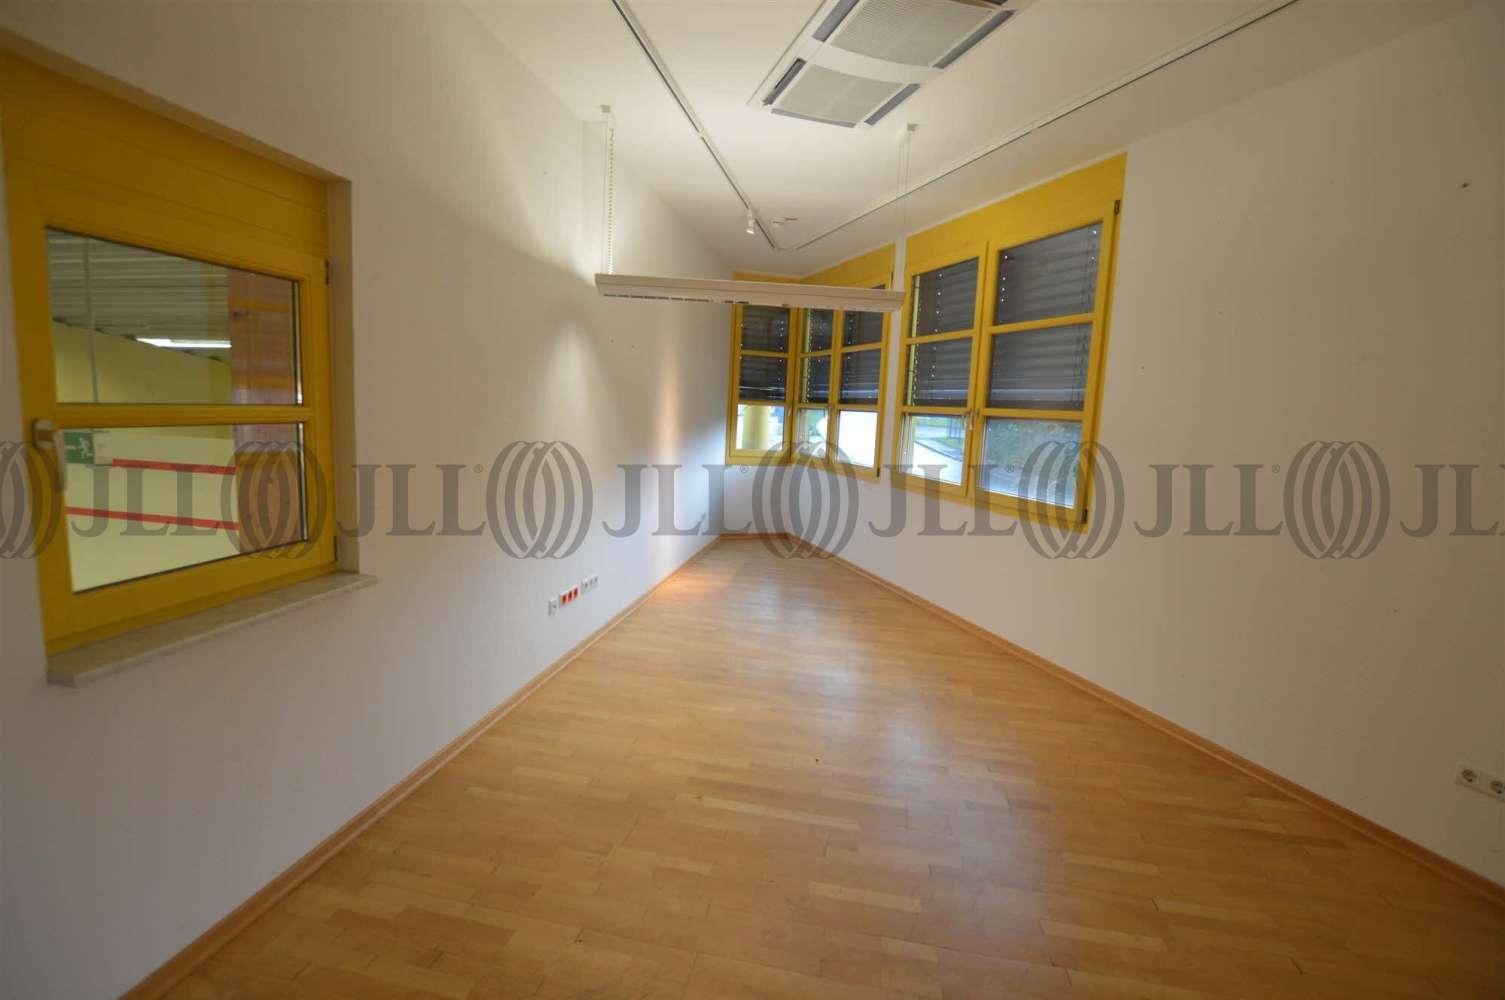 Hallen Wiehl, 51674 - Halle - Wiehl, Bomig - K0893 - 9408289